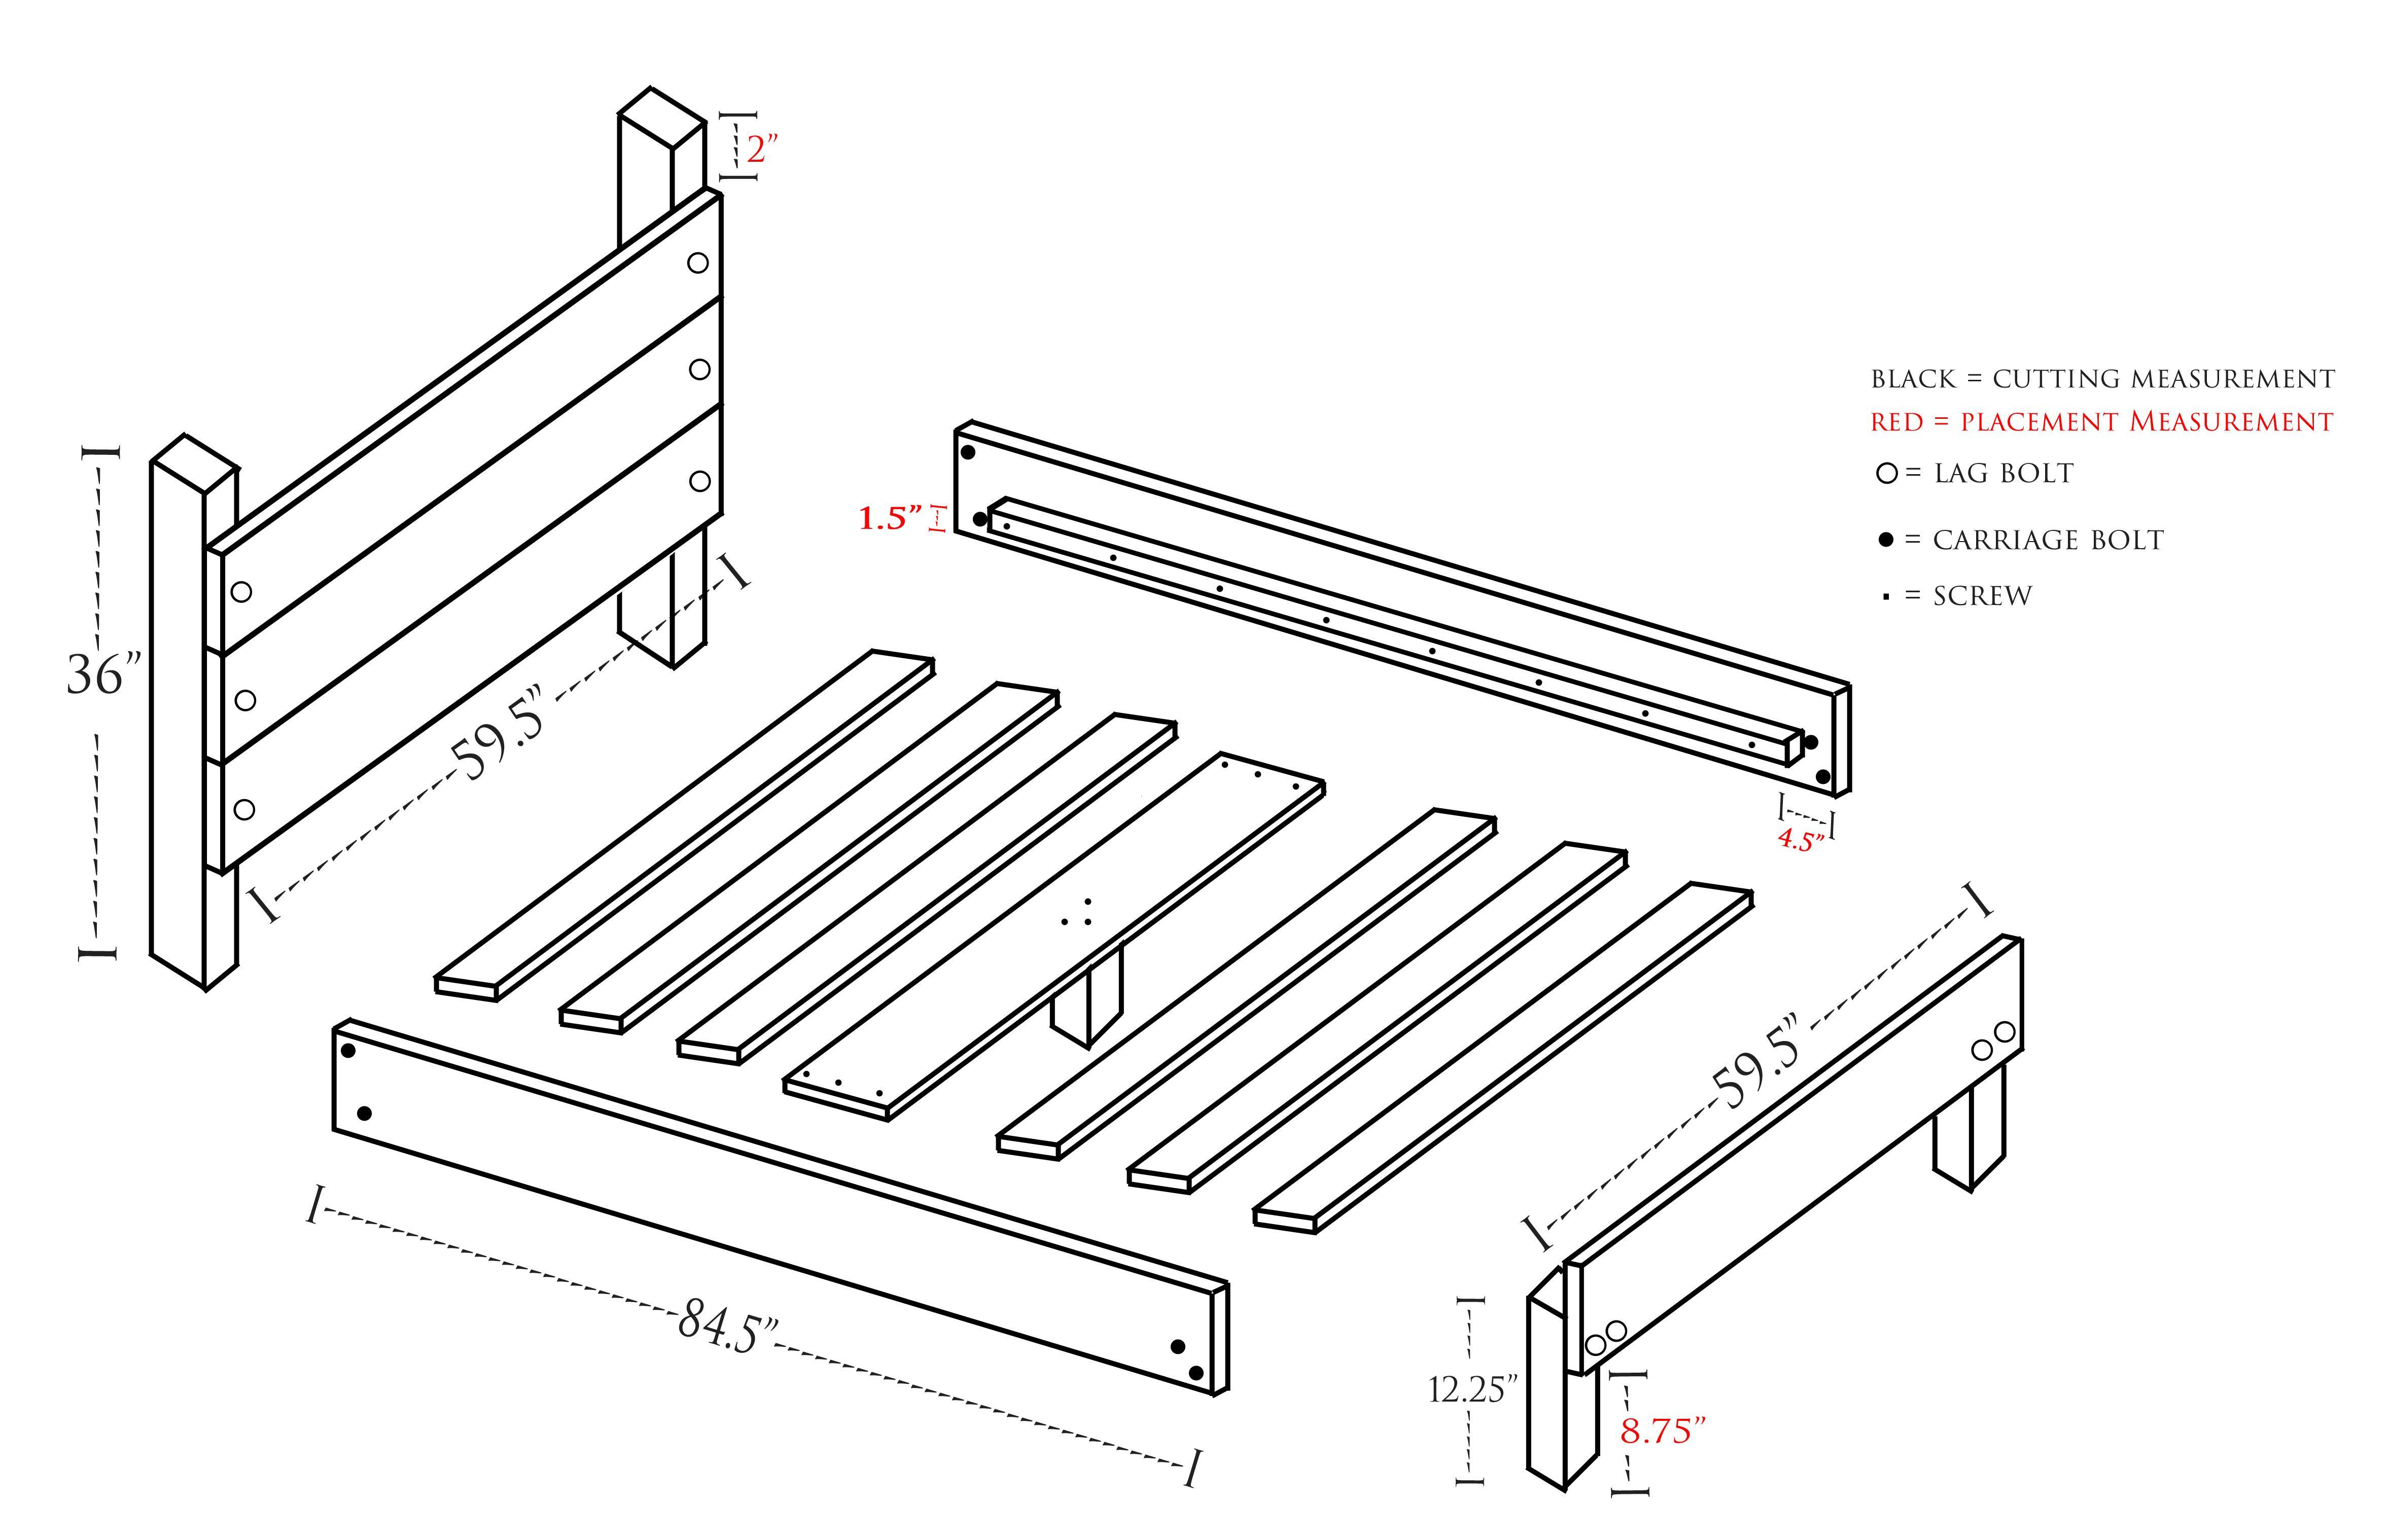 Diy slatted bed frame plans via